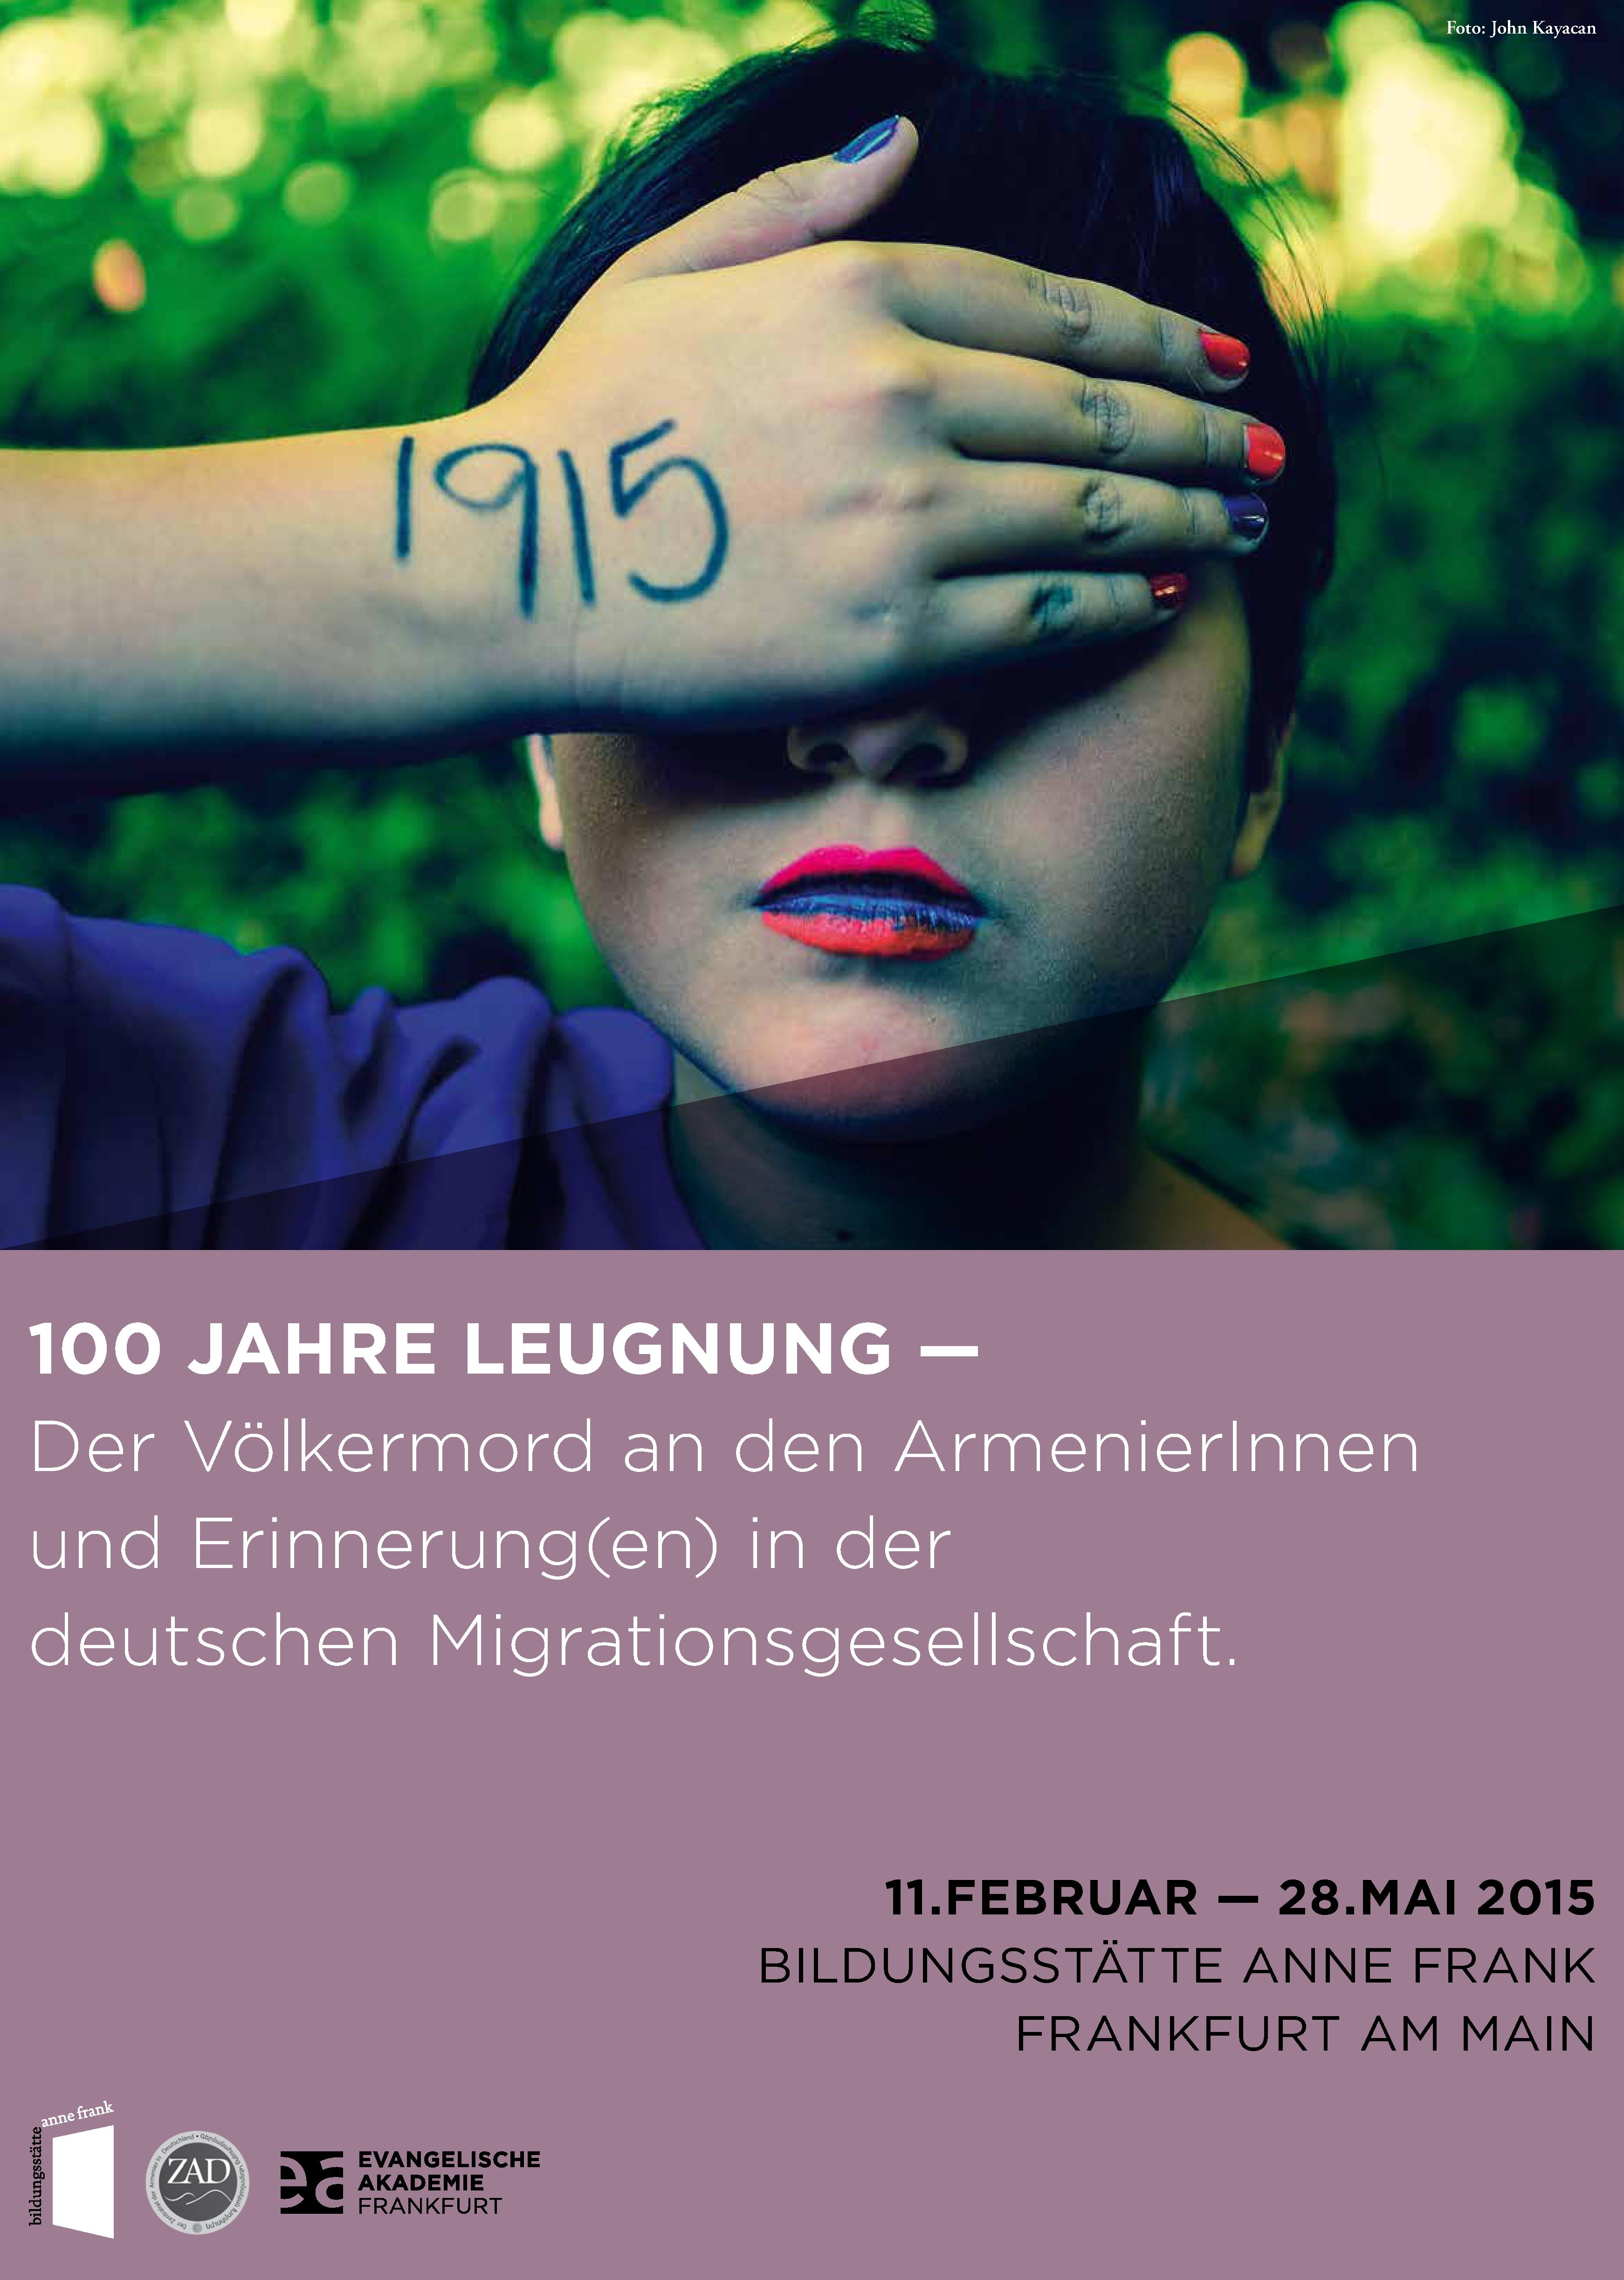 100_Jahre_Leugnung-001